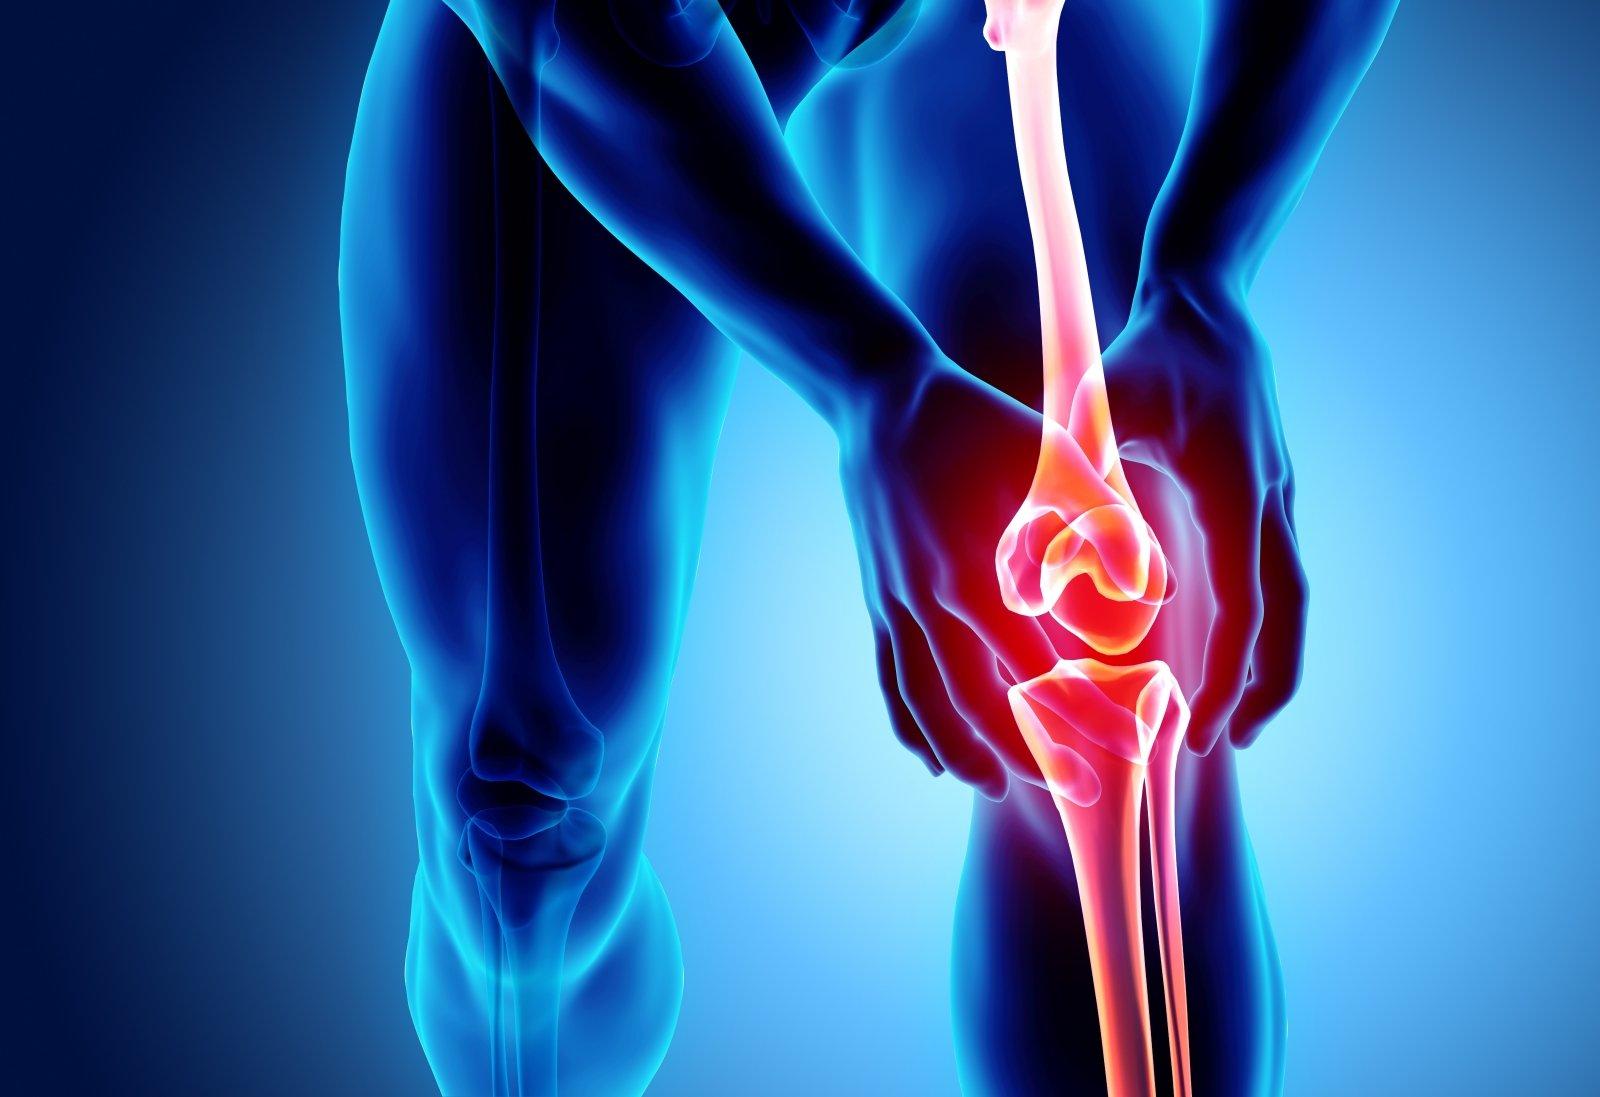 uždegimas pėdos gydymo liaudies gynimo sąnarių millenium neo už sąnarių gydymo